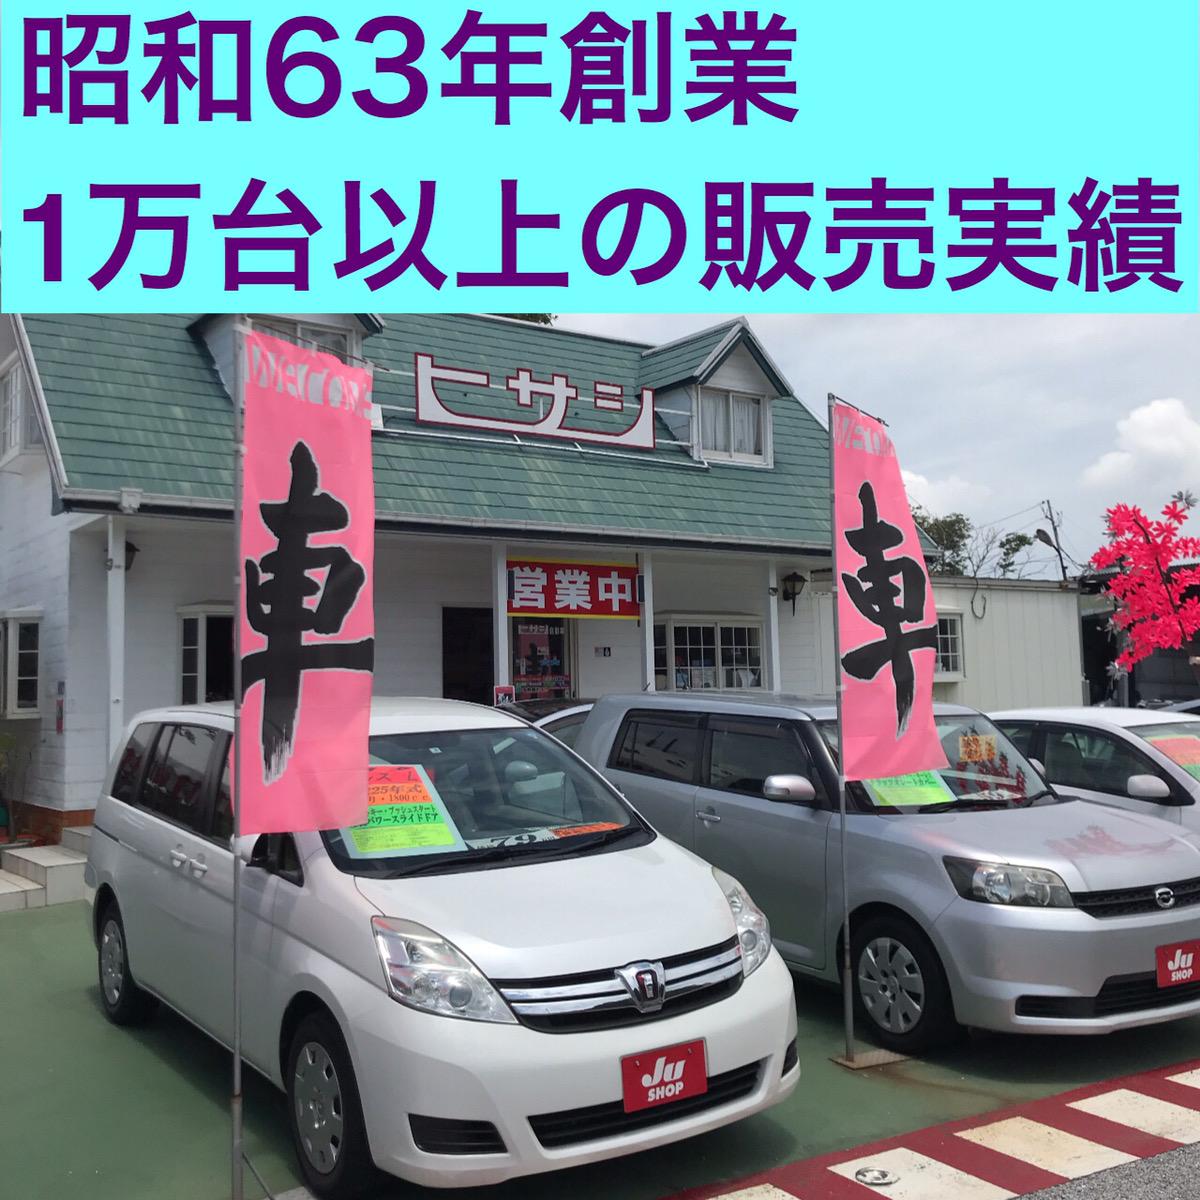 昭和63年創業。1万台以上の販売実績を持つヒサシ自動車